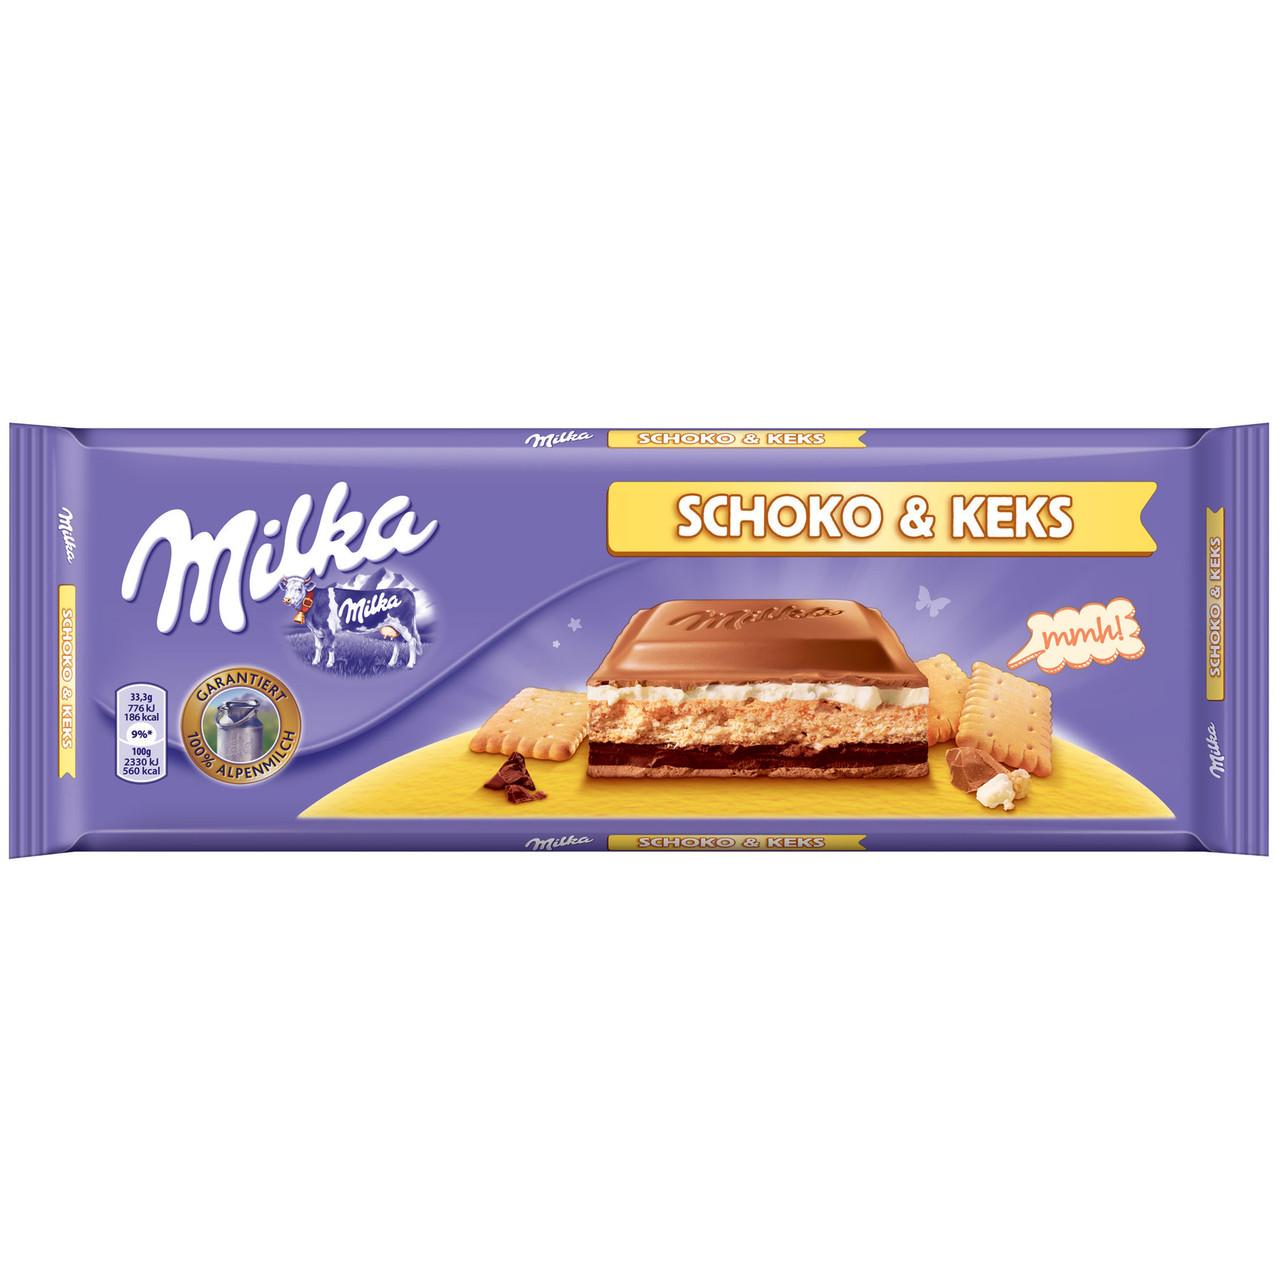 Шоколад молочный Milka Schoko & Keks (милка с печеньем и горьким шоколадом), 300 гр